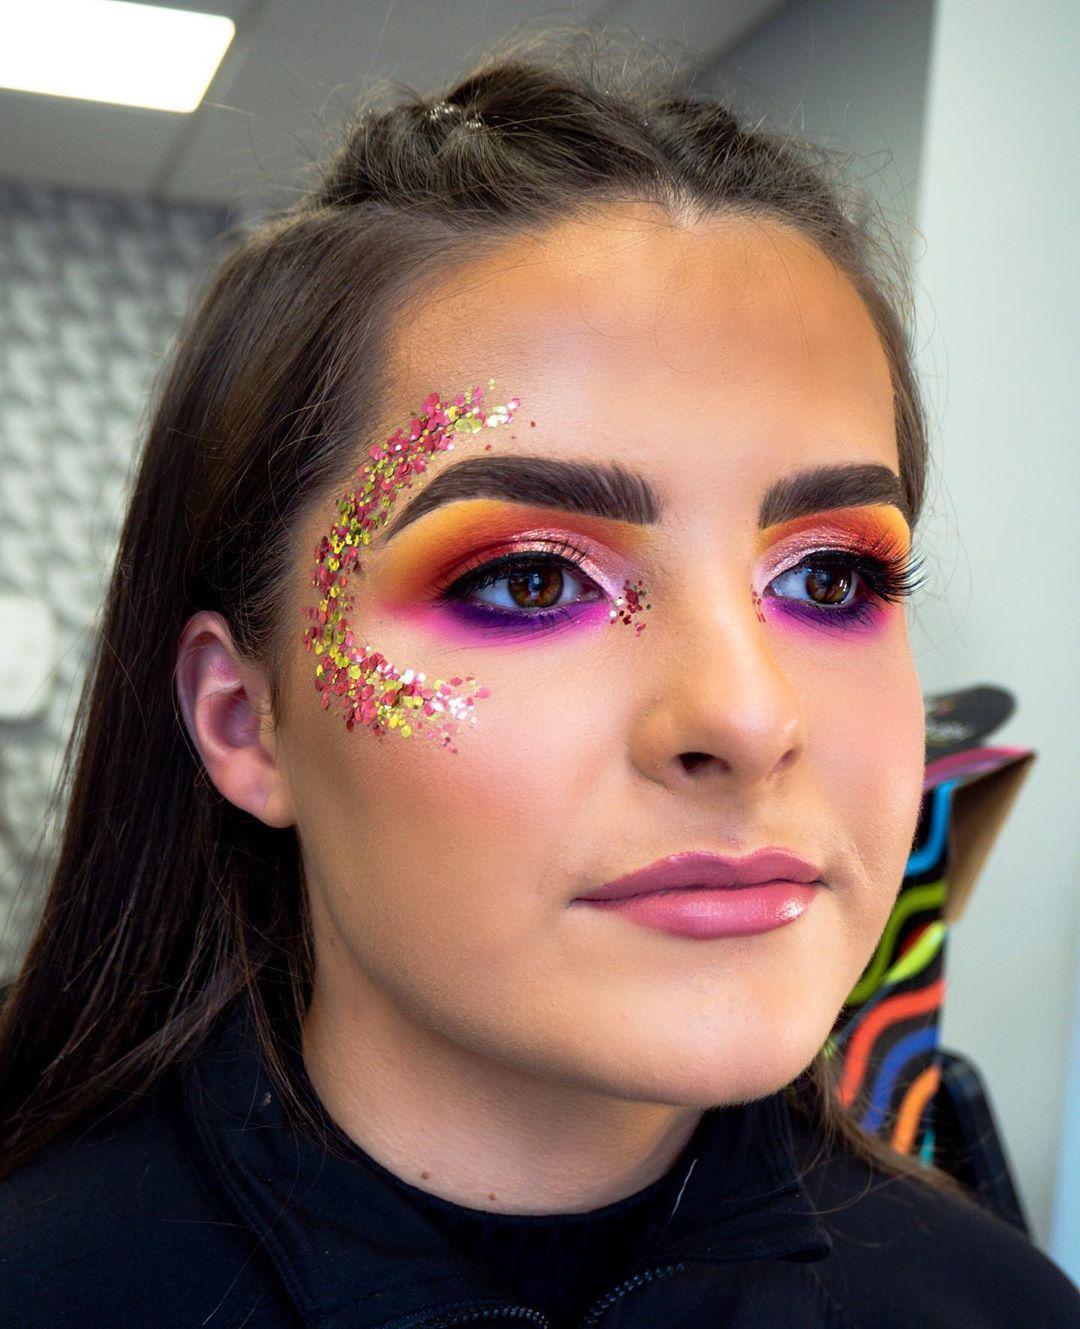 ome more festival glam 🌈 abhireland eye primer